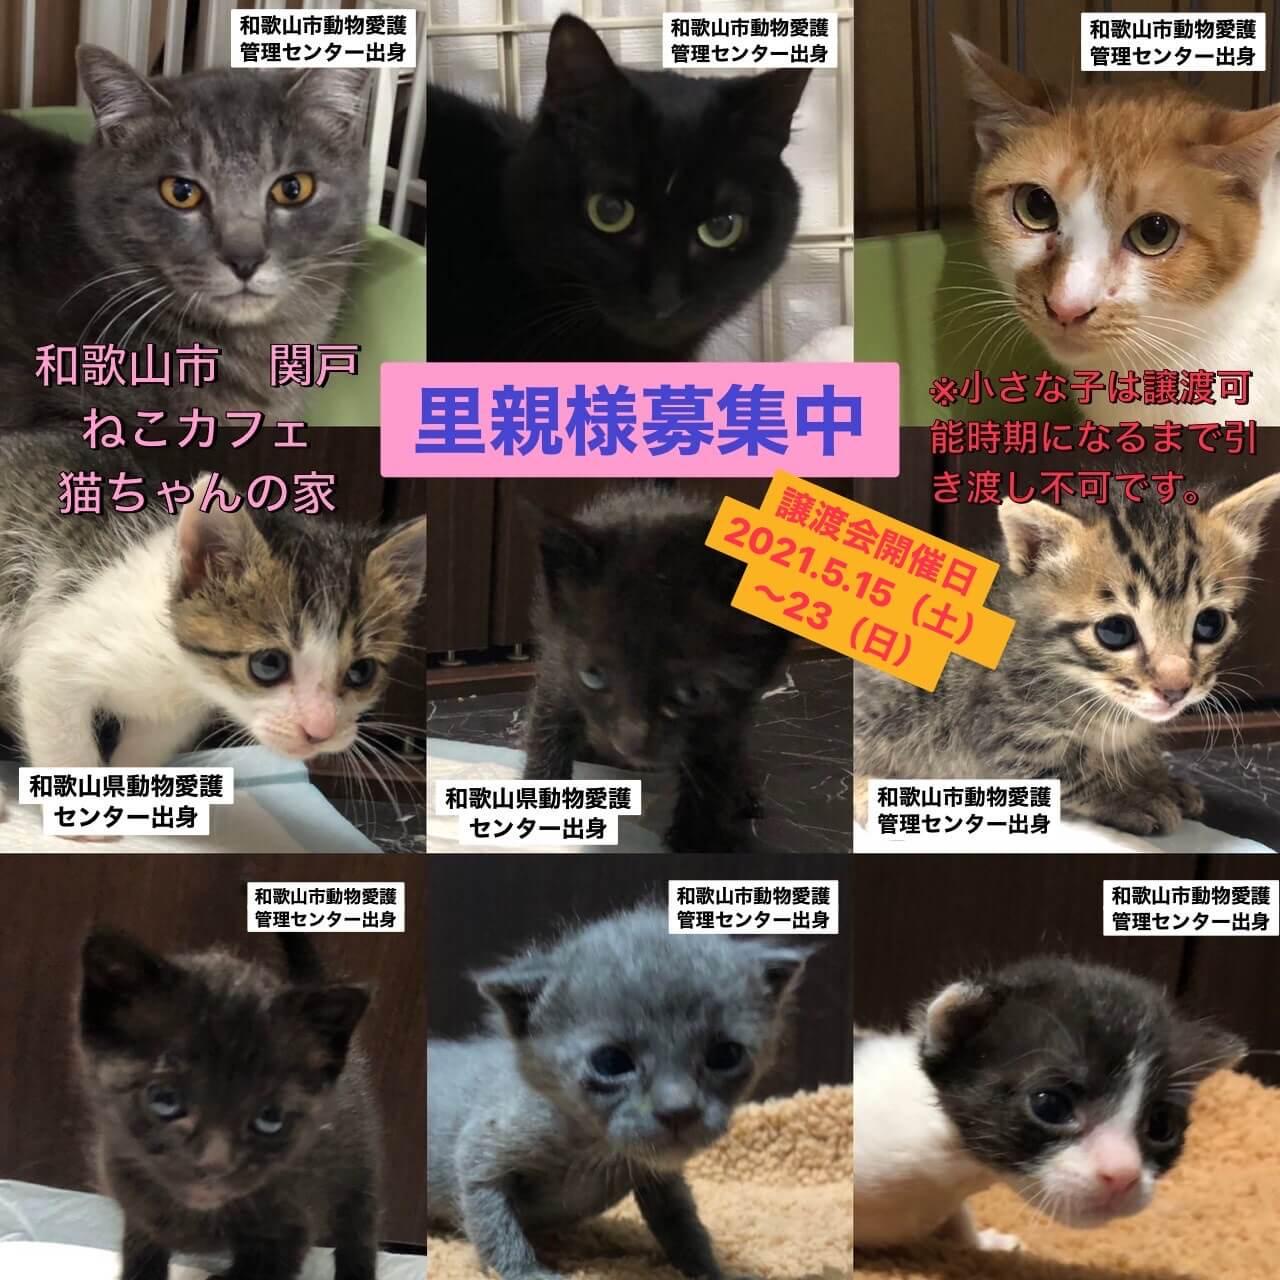 愛護センター出身の猫ちゃん達に会いに来てください!